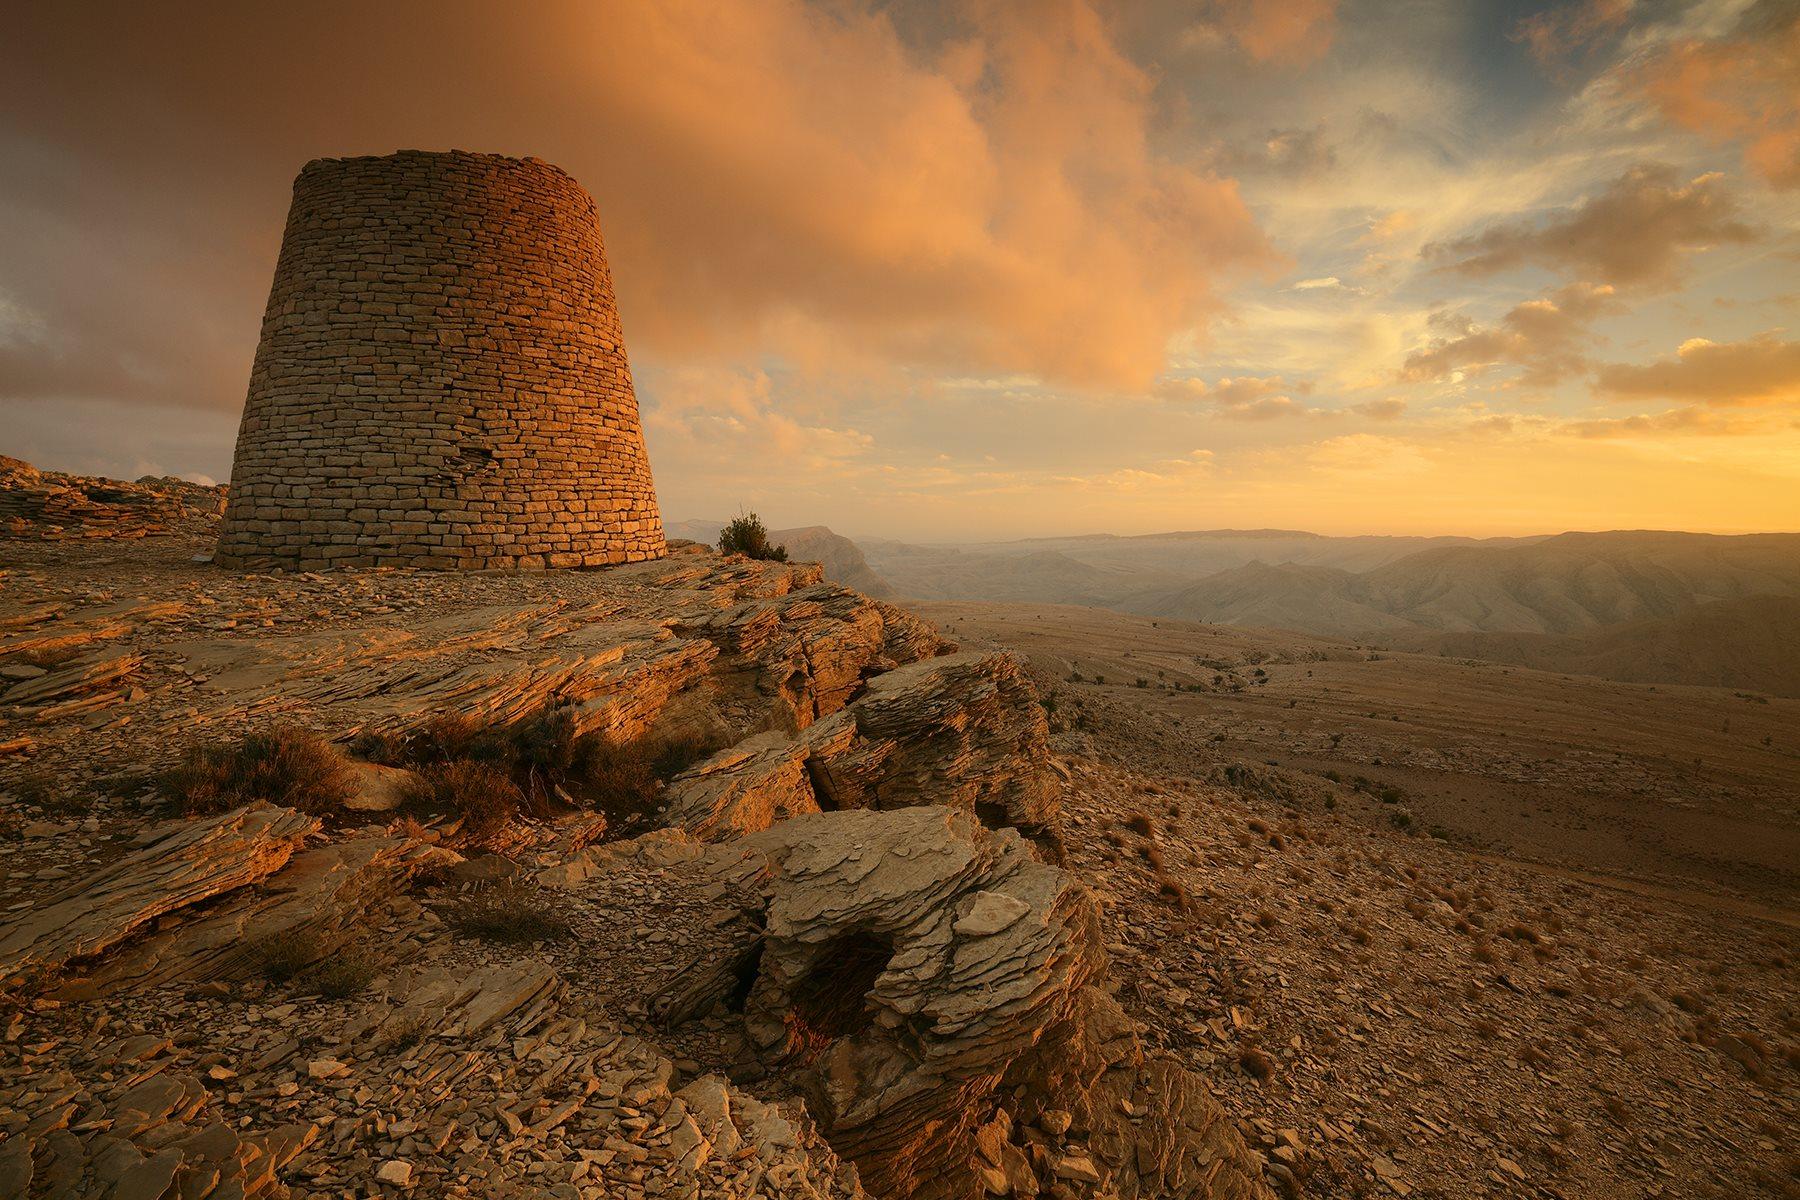 Una de las torres de Shir